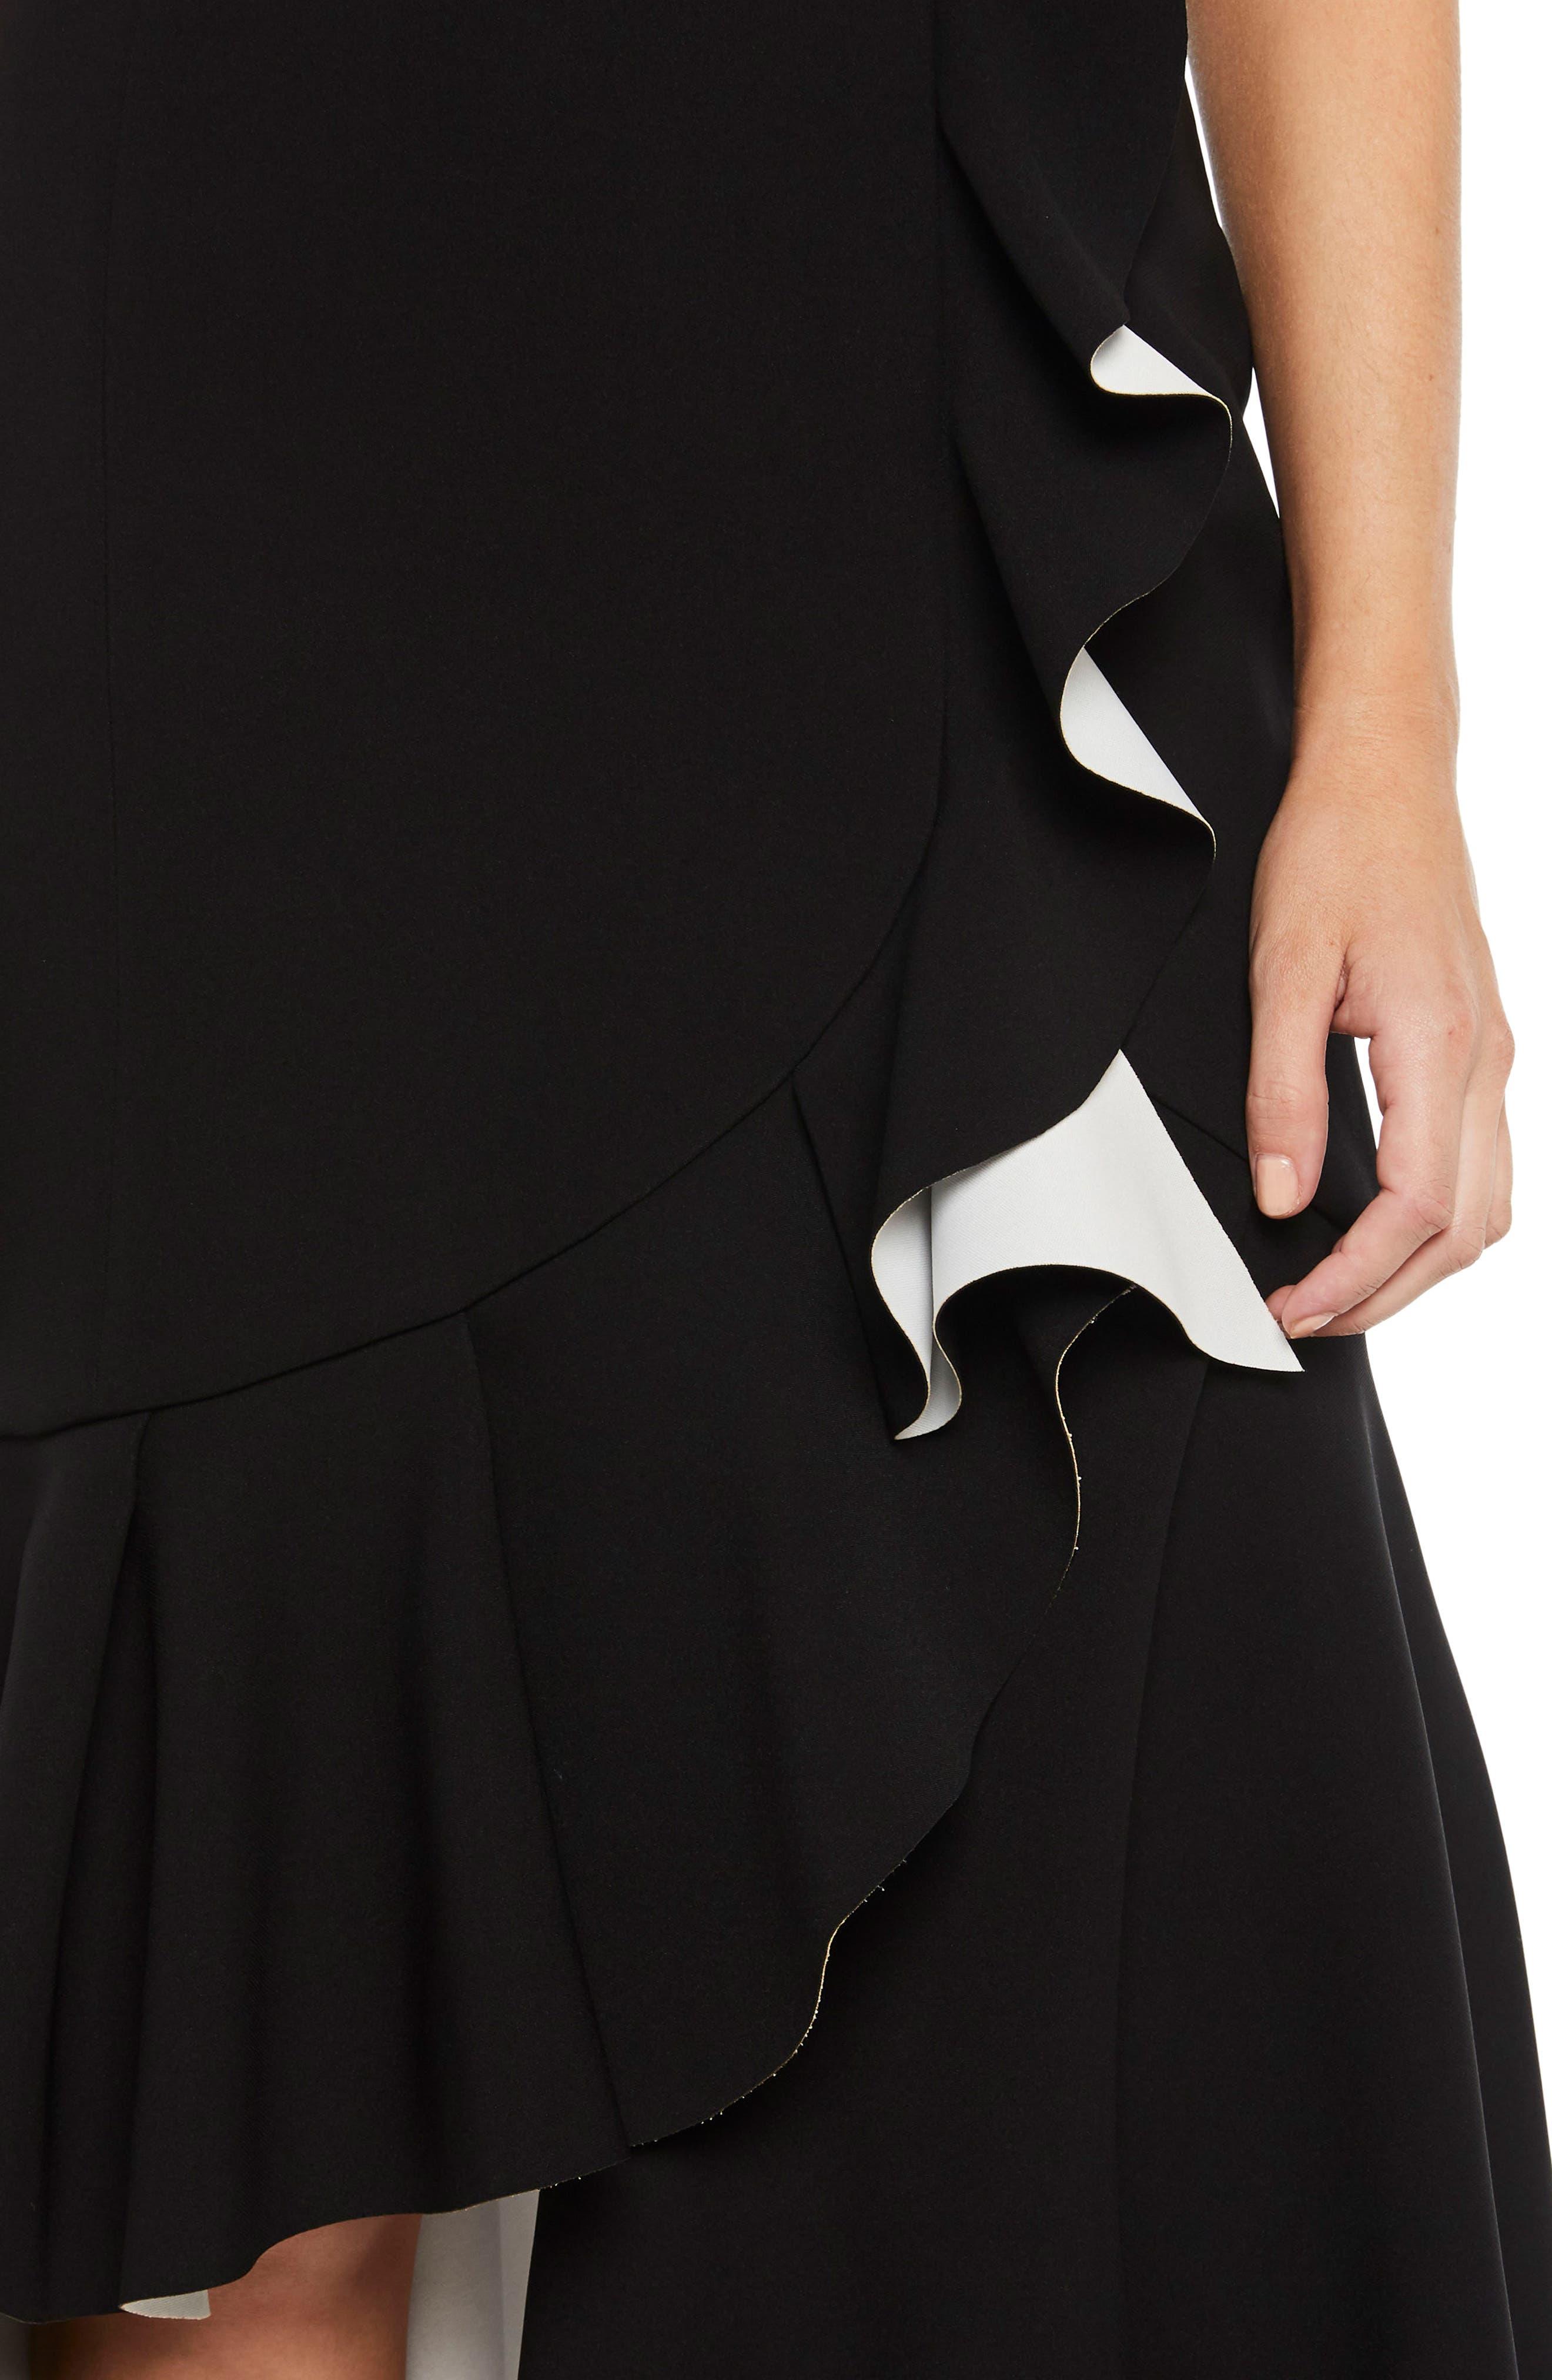 Kiki Scuba Dress,                             Alternate thumbnail 3, color,                             001